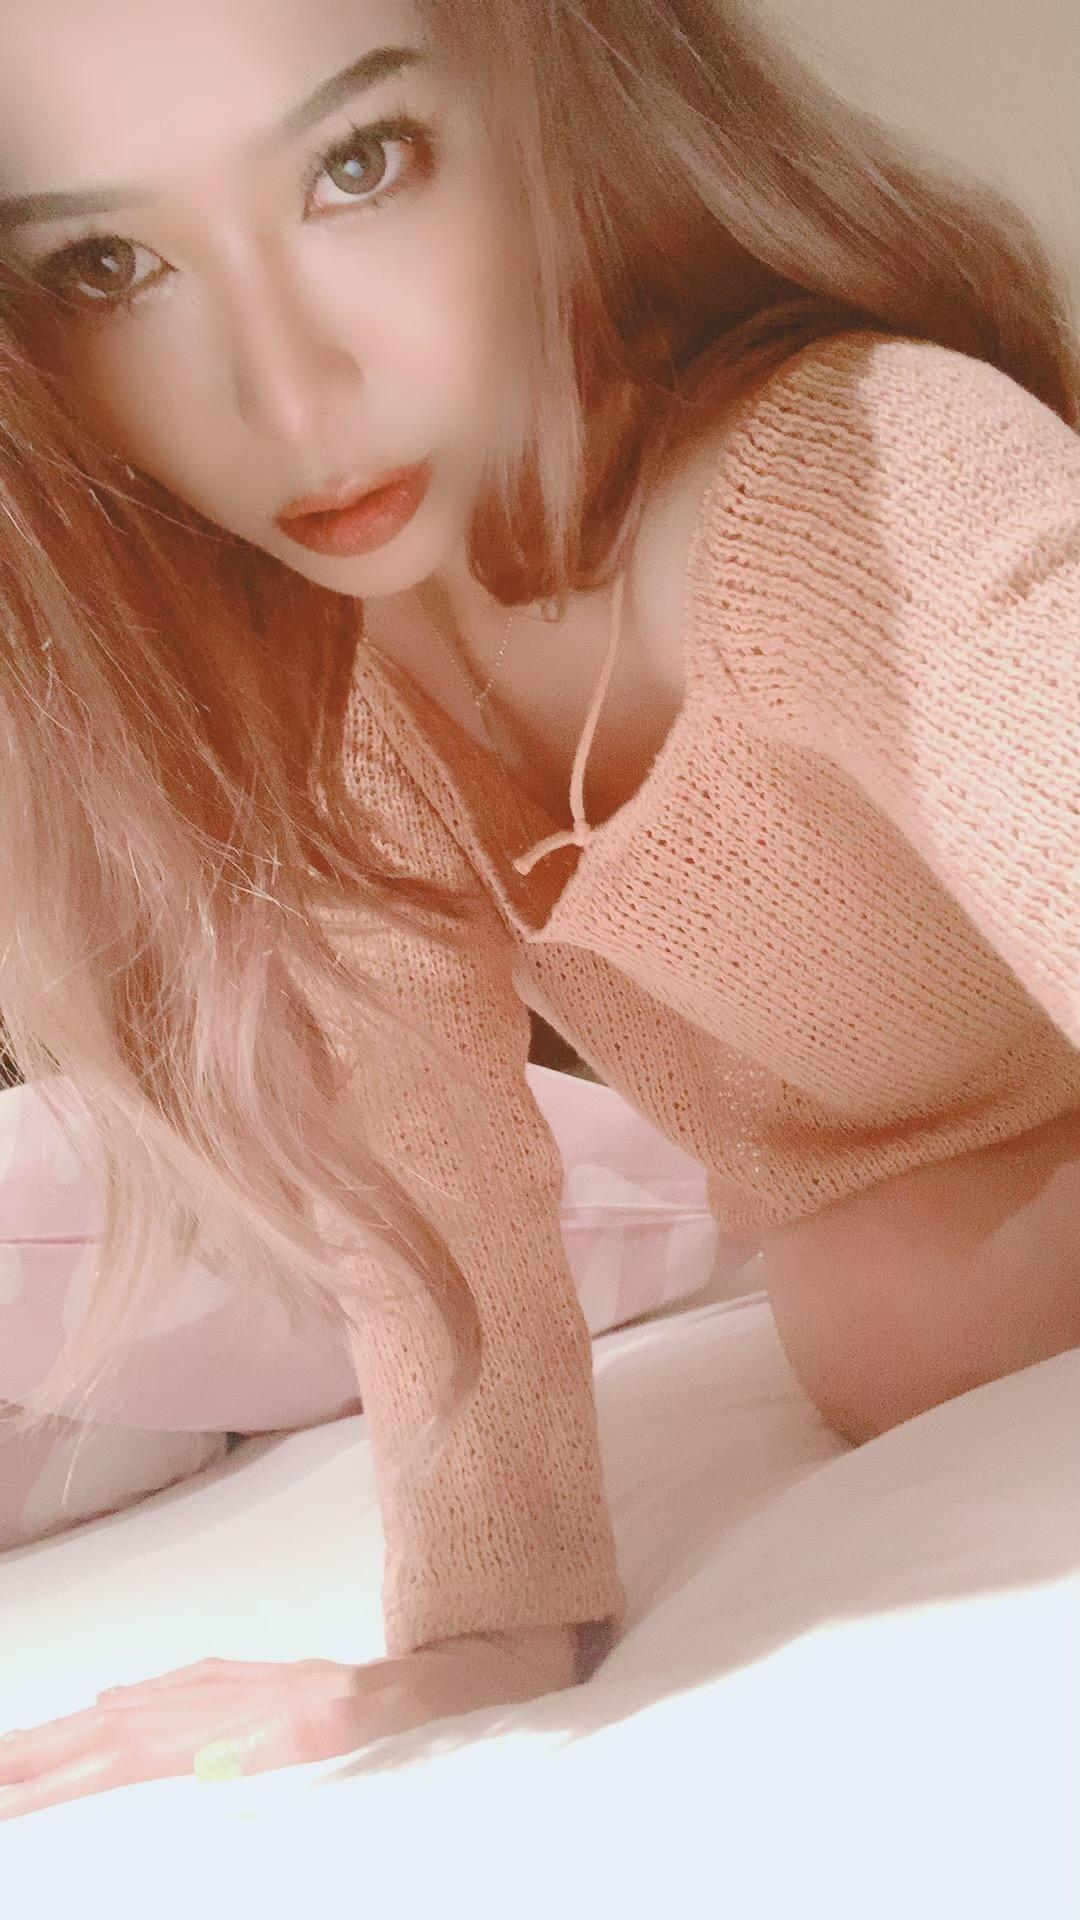 「-剃毛ハードプレイ-お礼日記!」07/29(月) 18:55 | リリの写メ・風俗動画